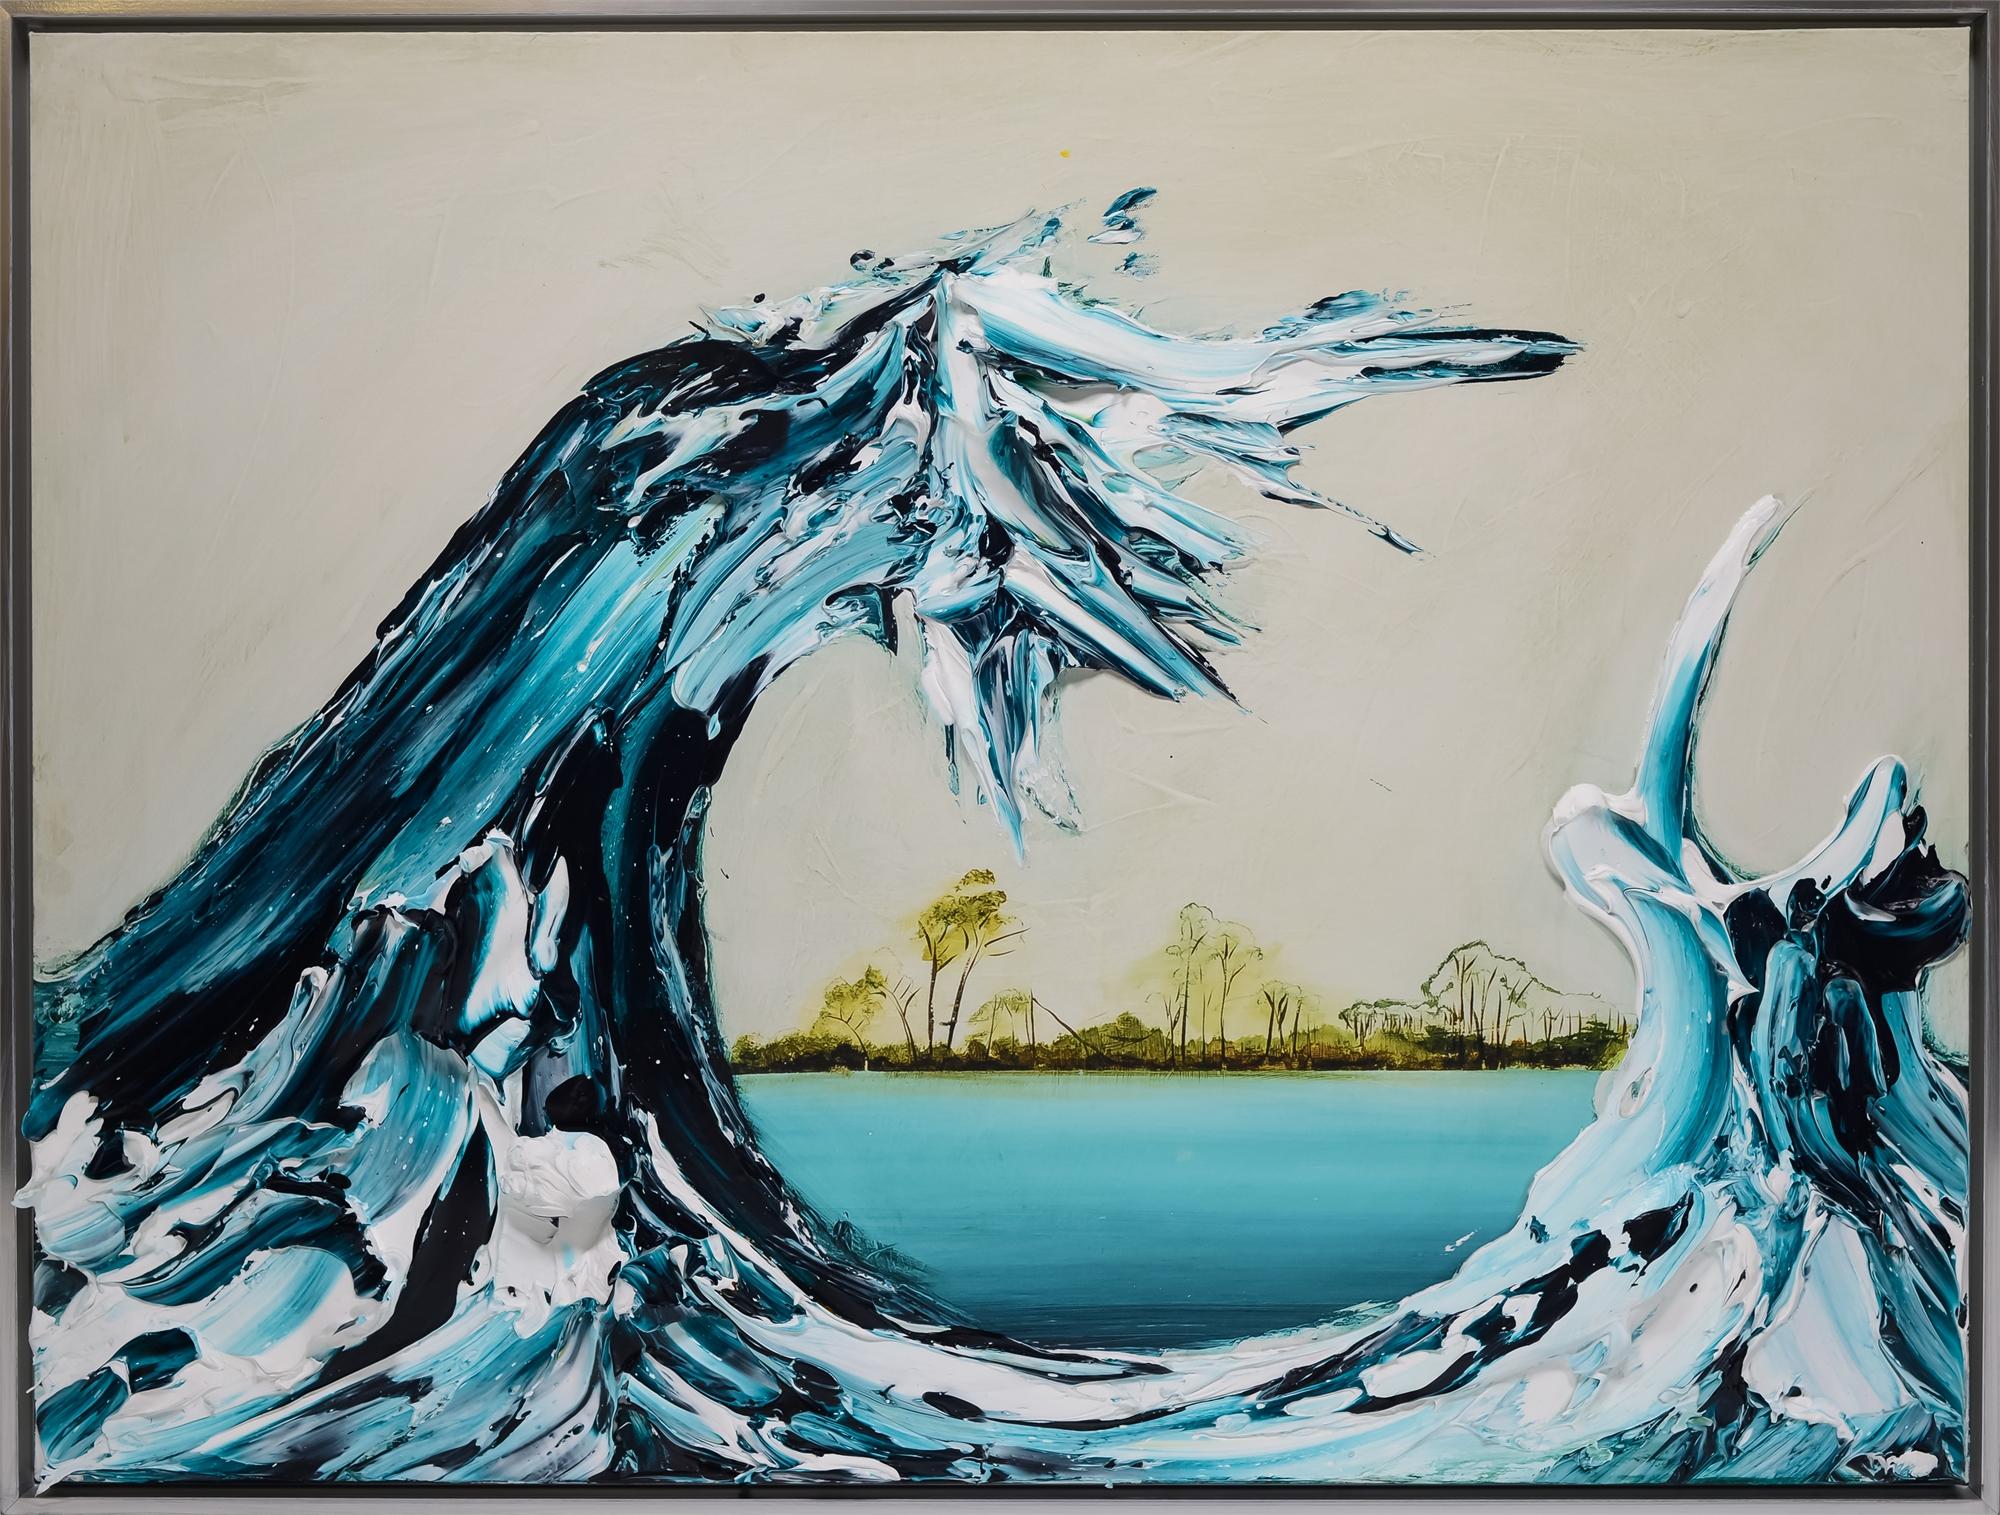 WAVE AP0006 by Justin Gaffrey